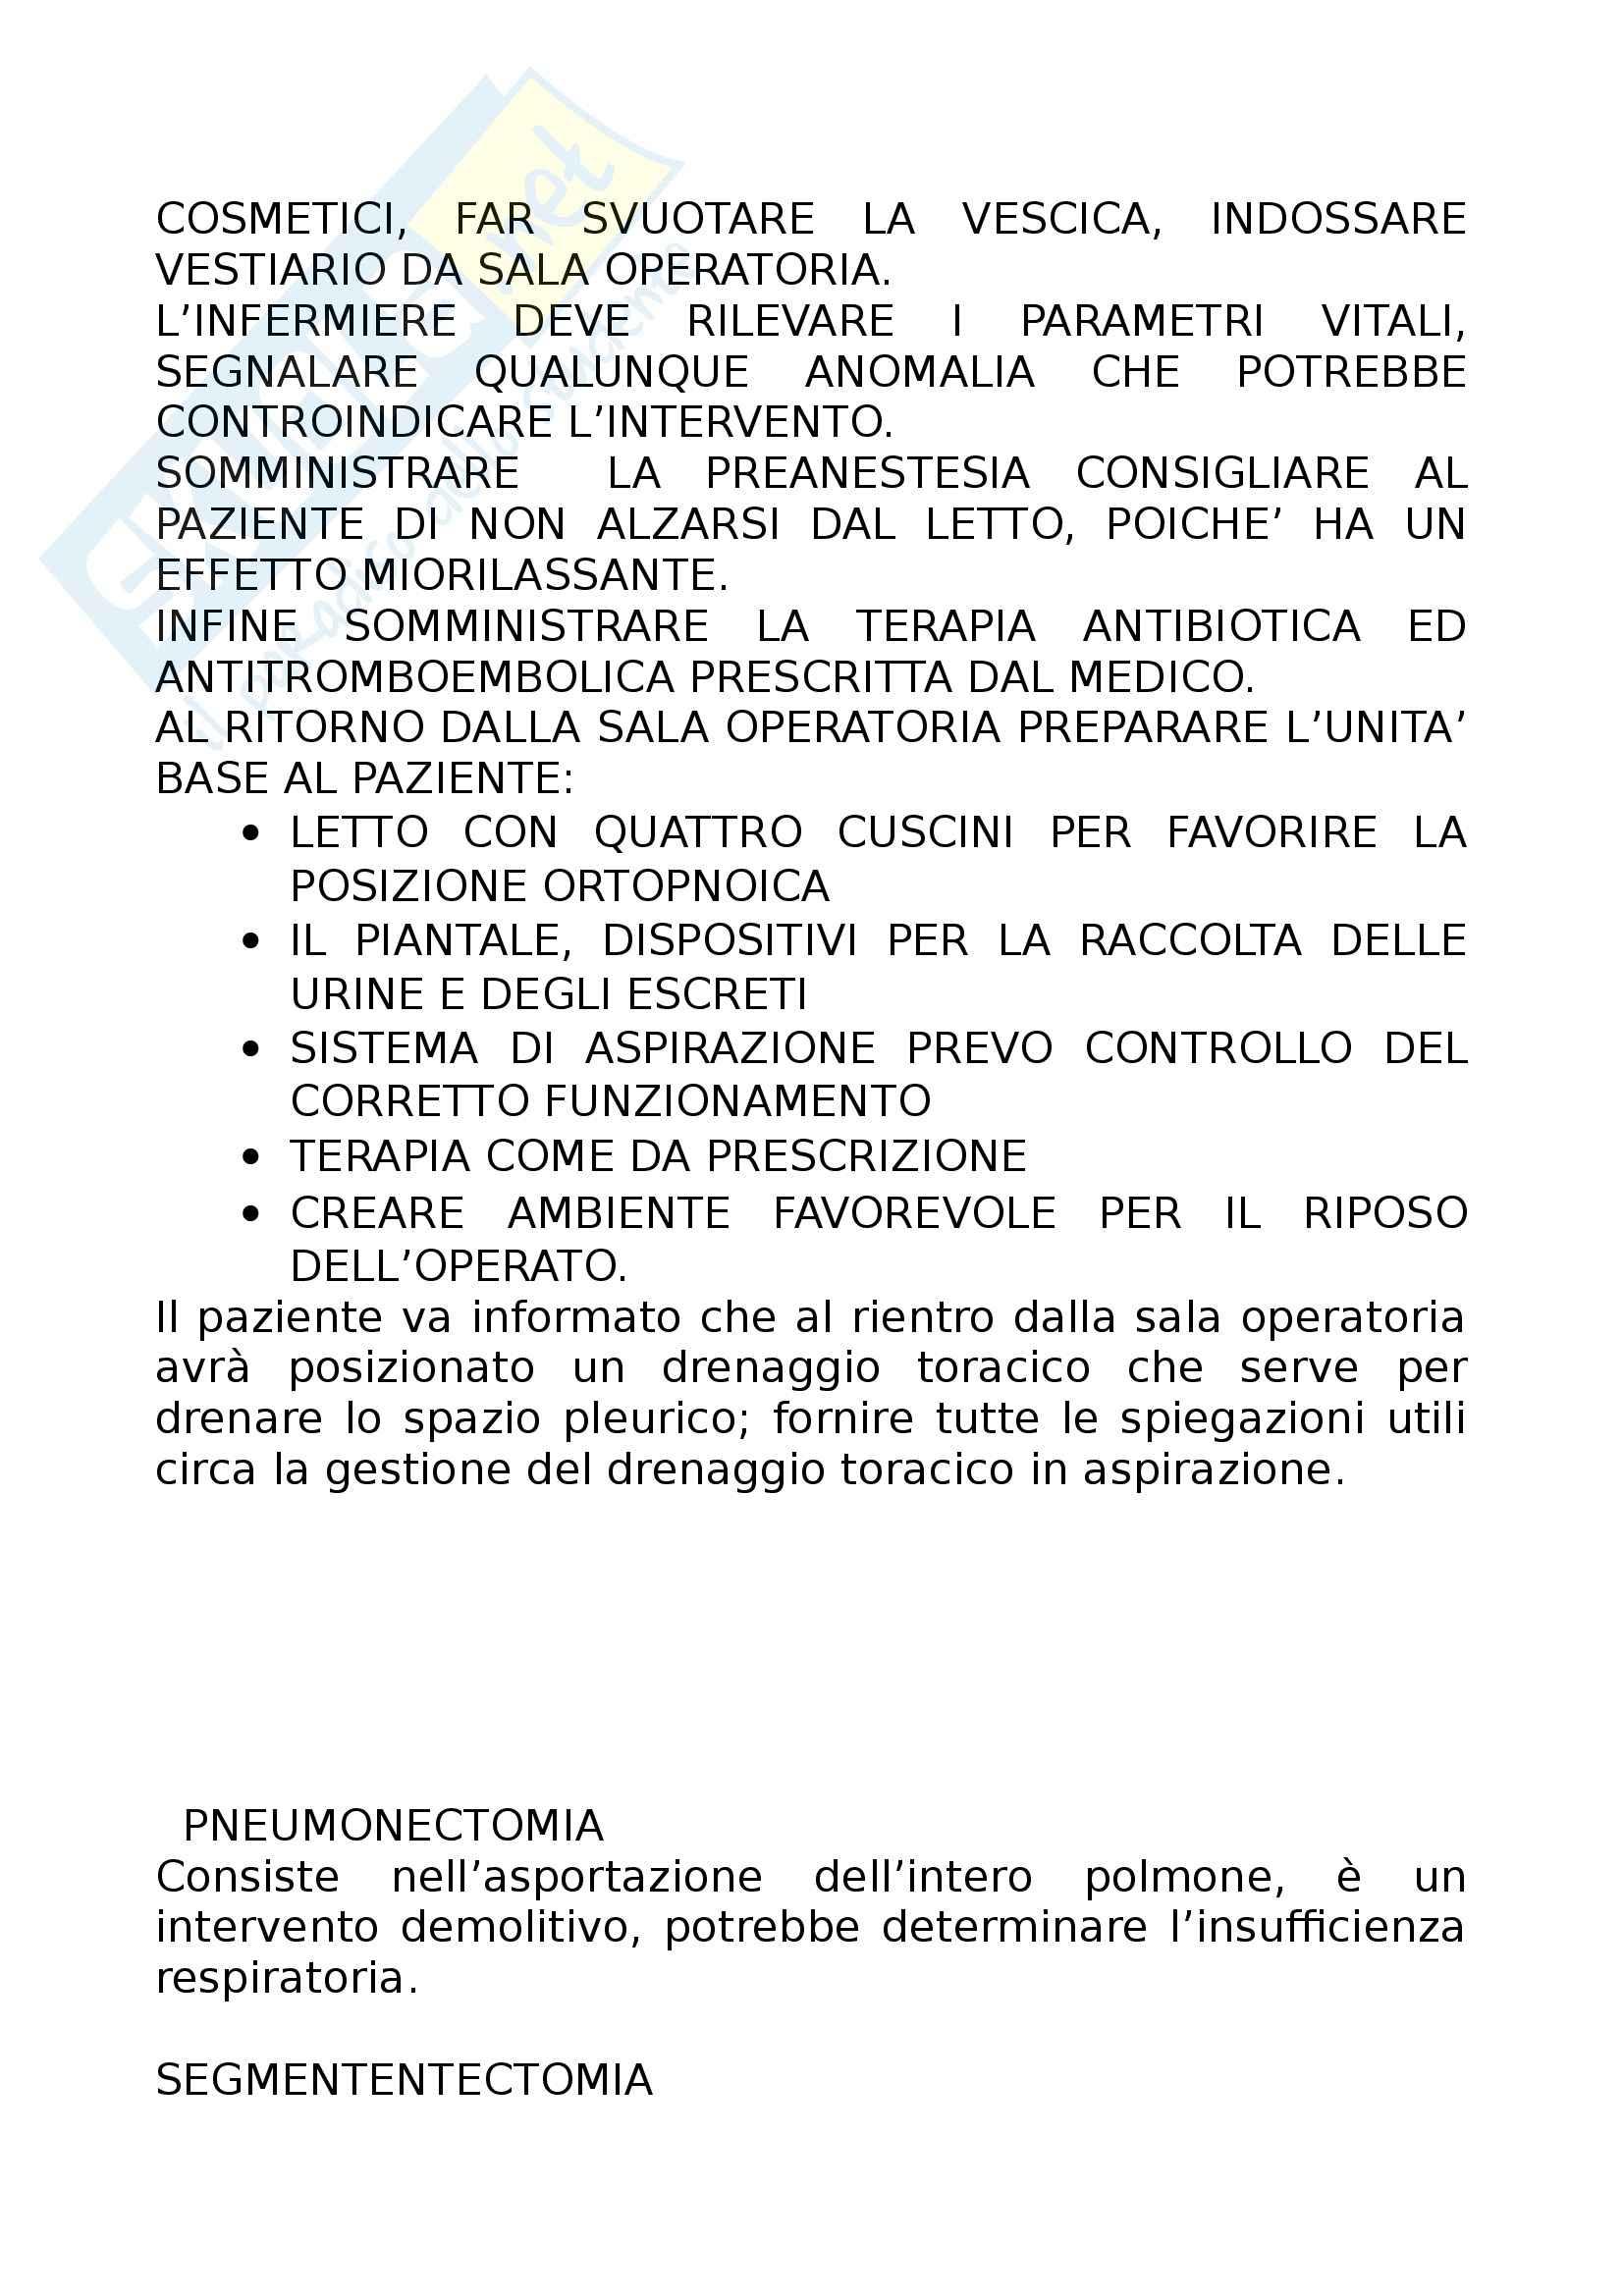 Infermieristica e tecniche infermieristiche chirurgiche - nozioni Pag. 11